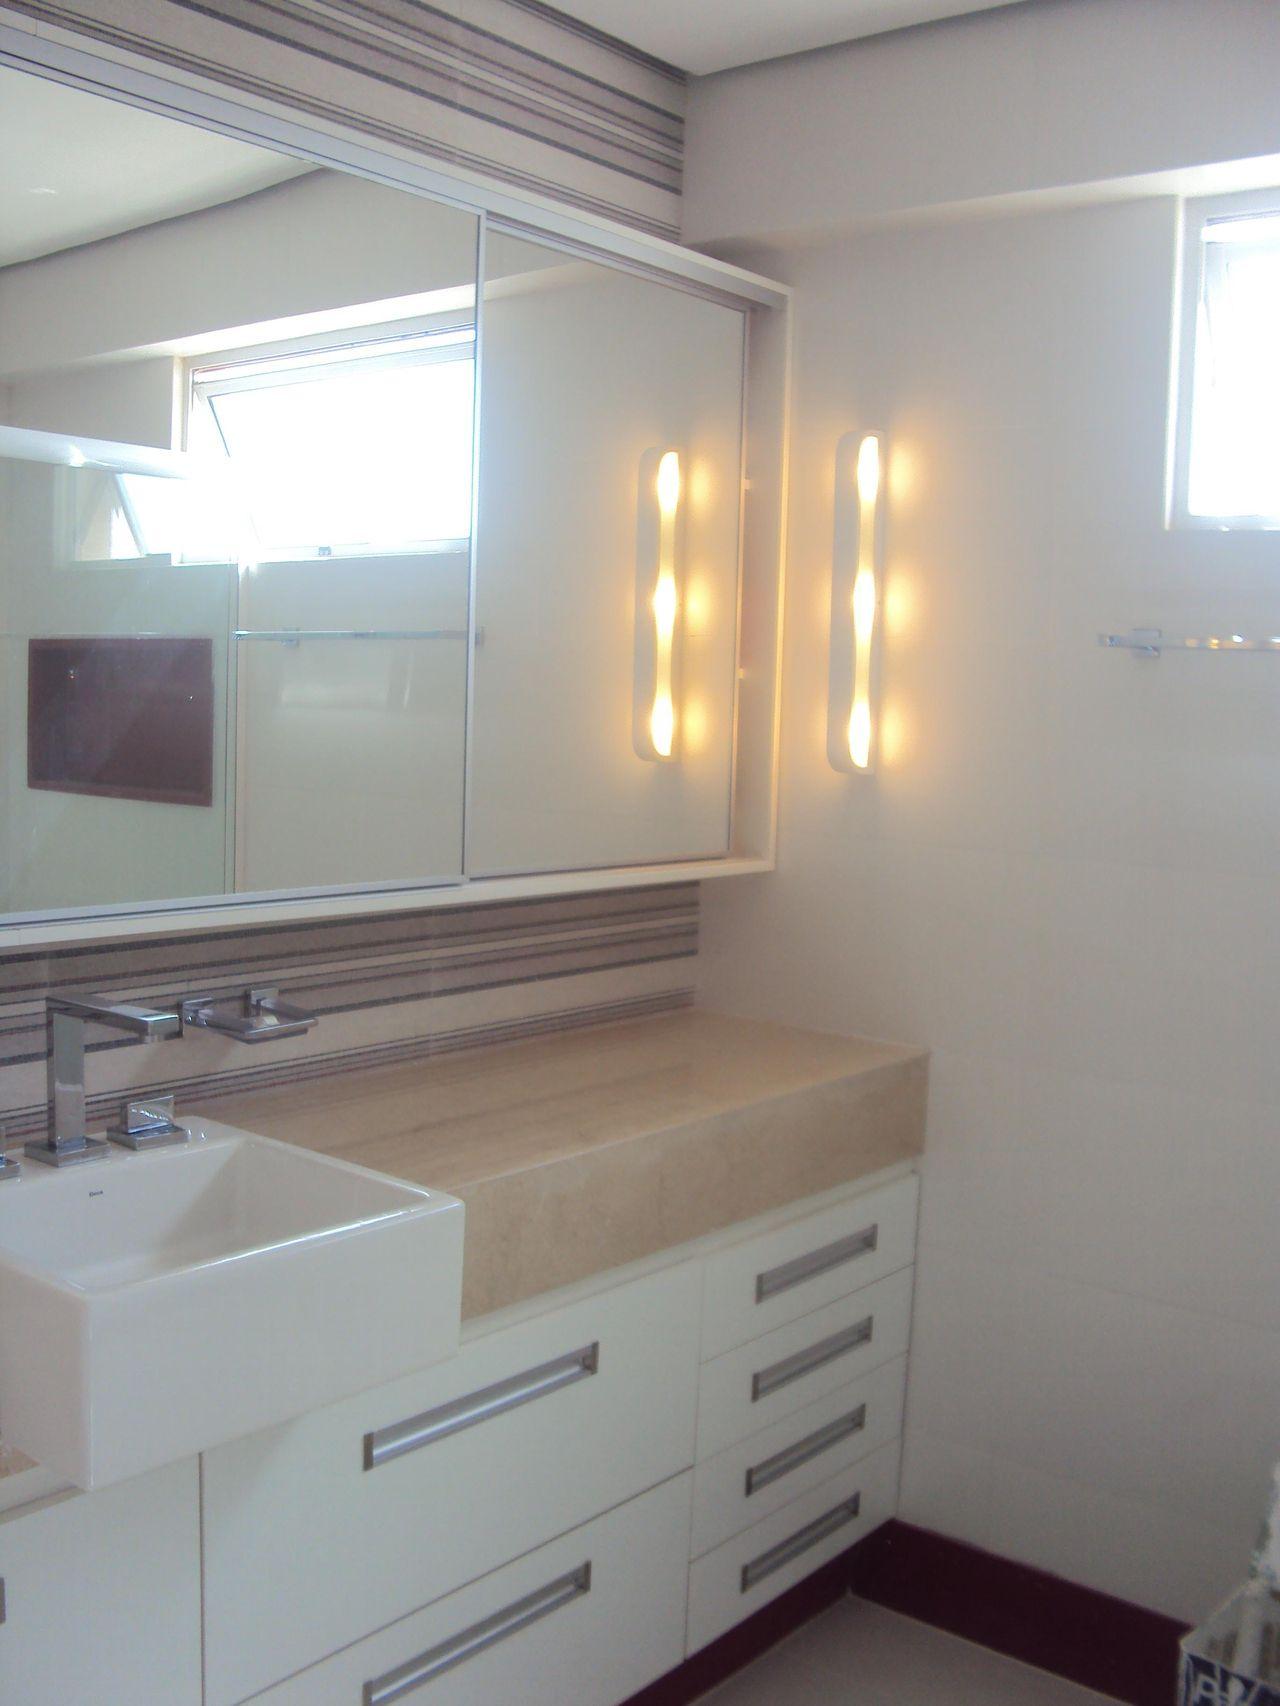 Banheiro pequeno com armário espelhado de Gillayne Costa Silva  33788 no Viv -> Armarinho Banheiro Simples